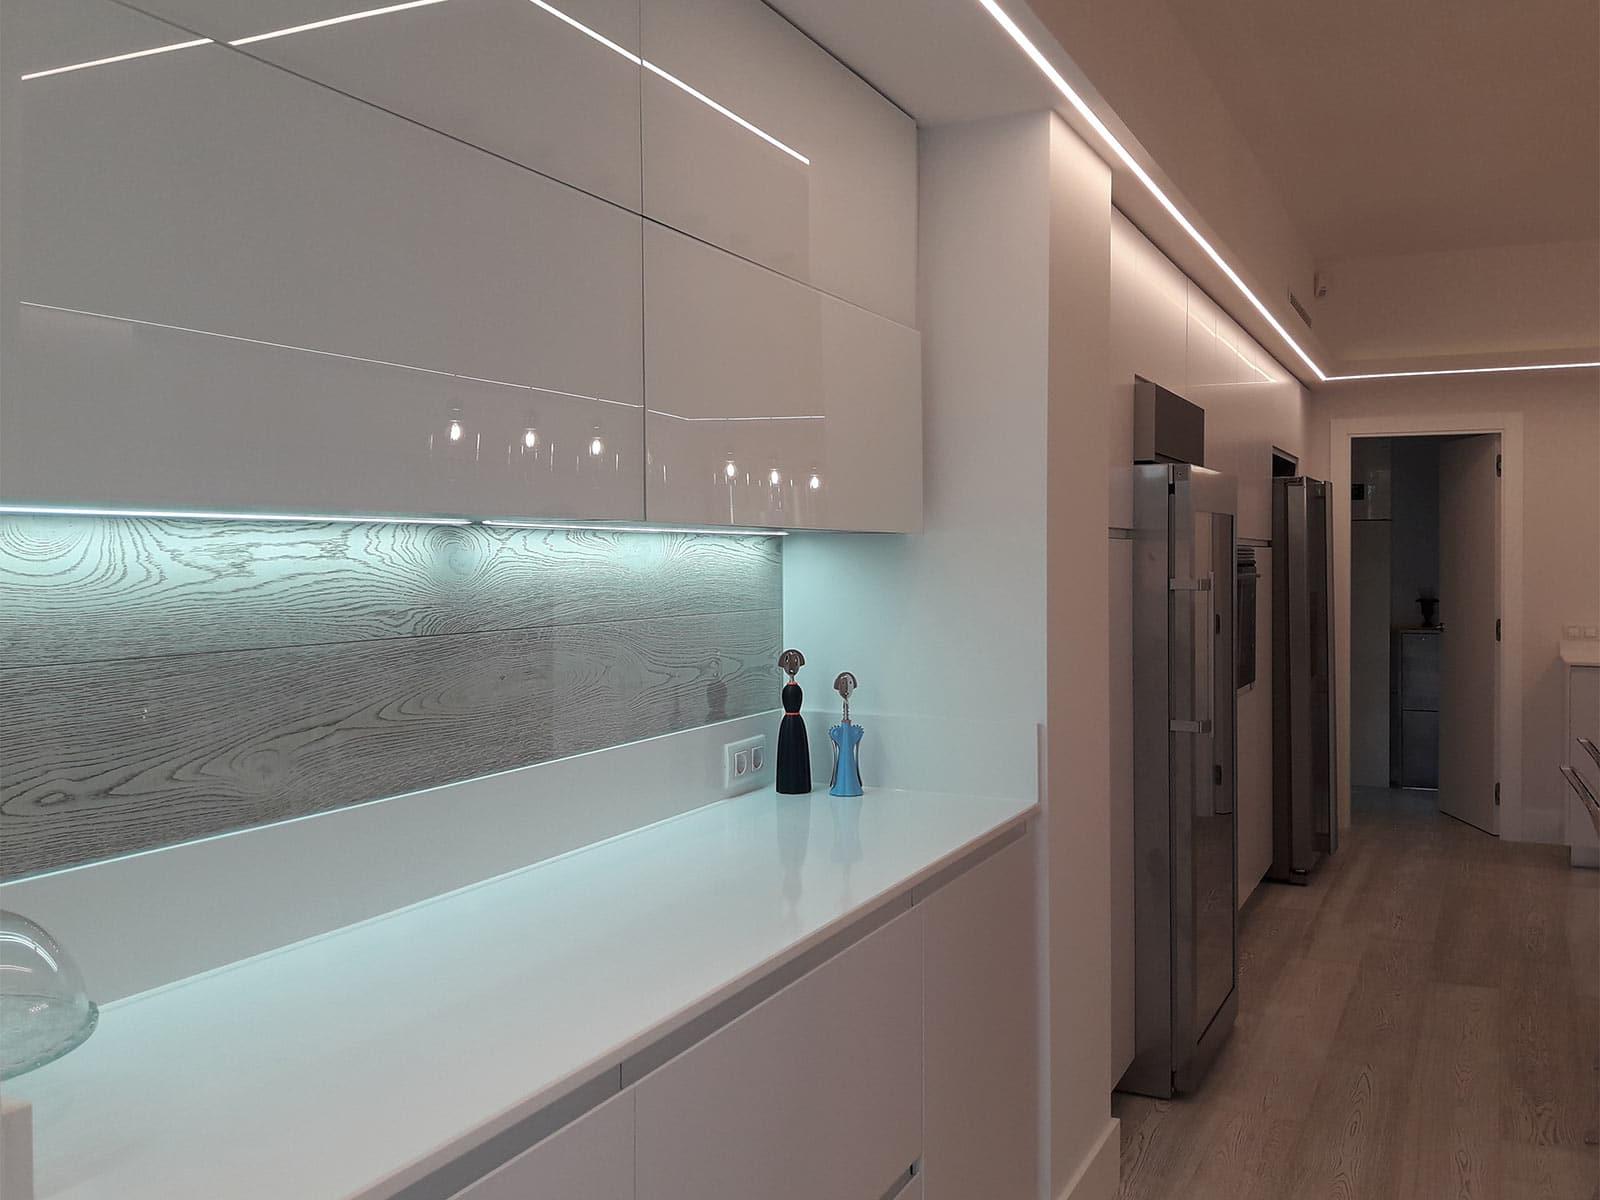 Frente de muebles blanco brillo en cocina lineal doble con isla